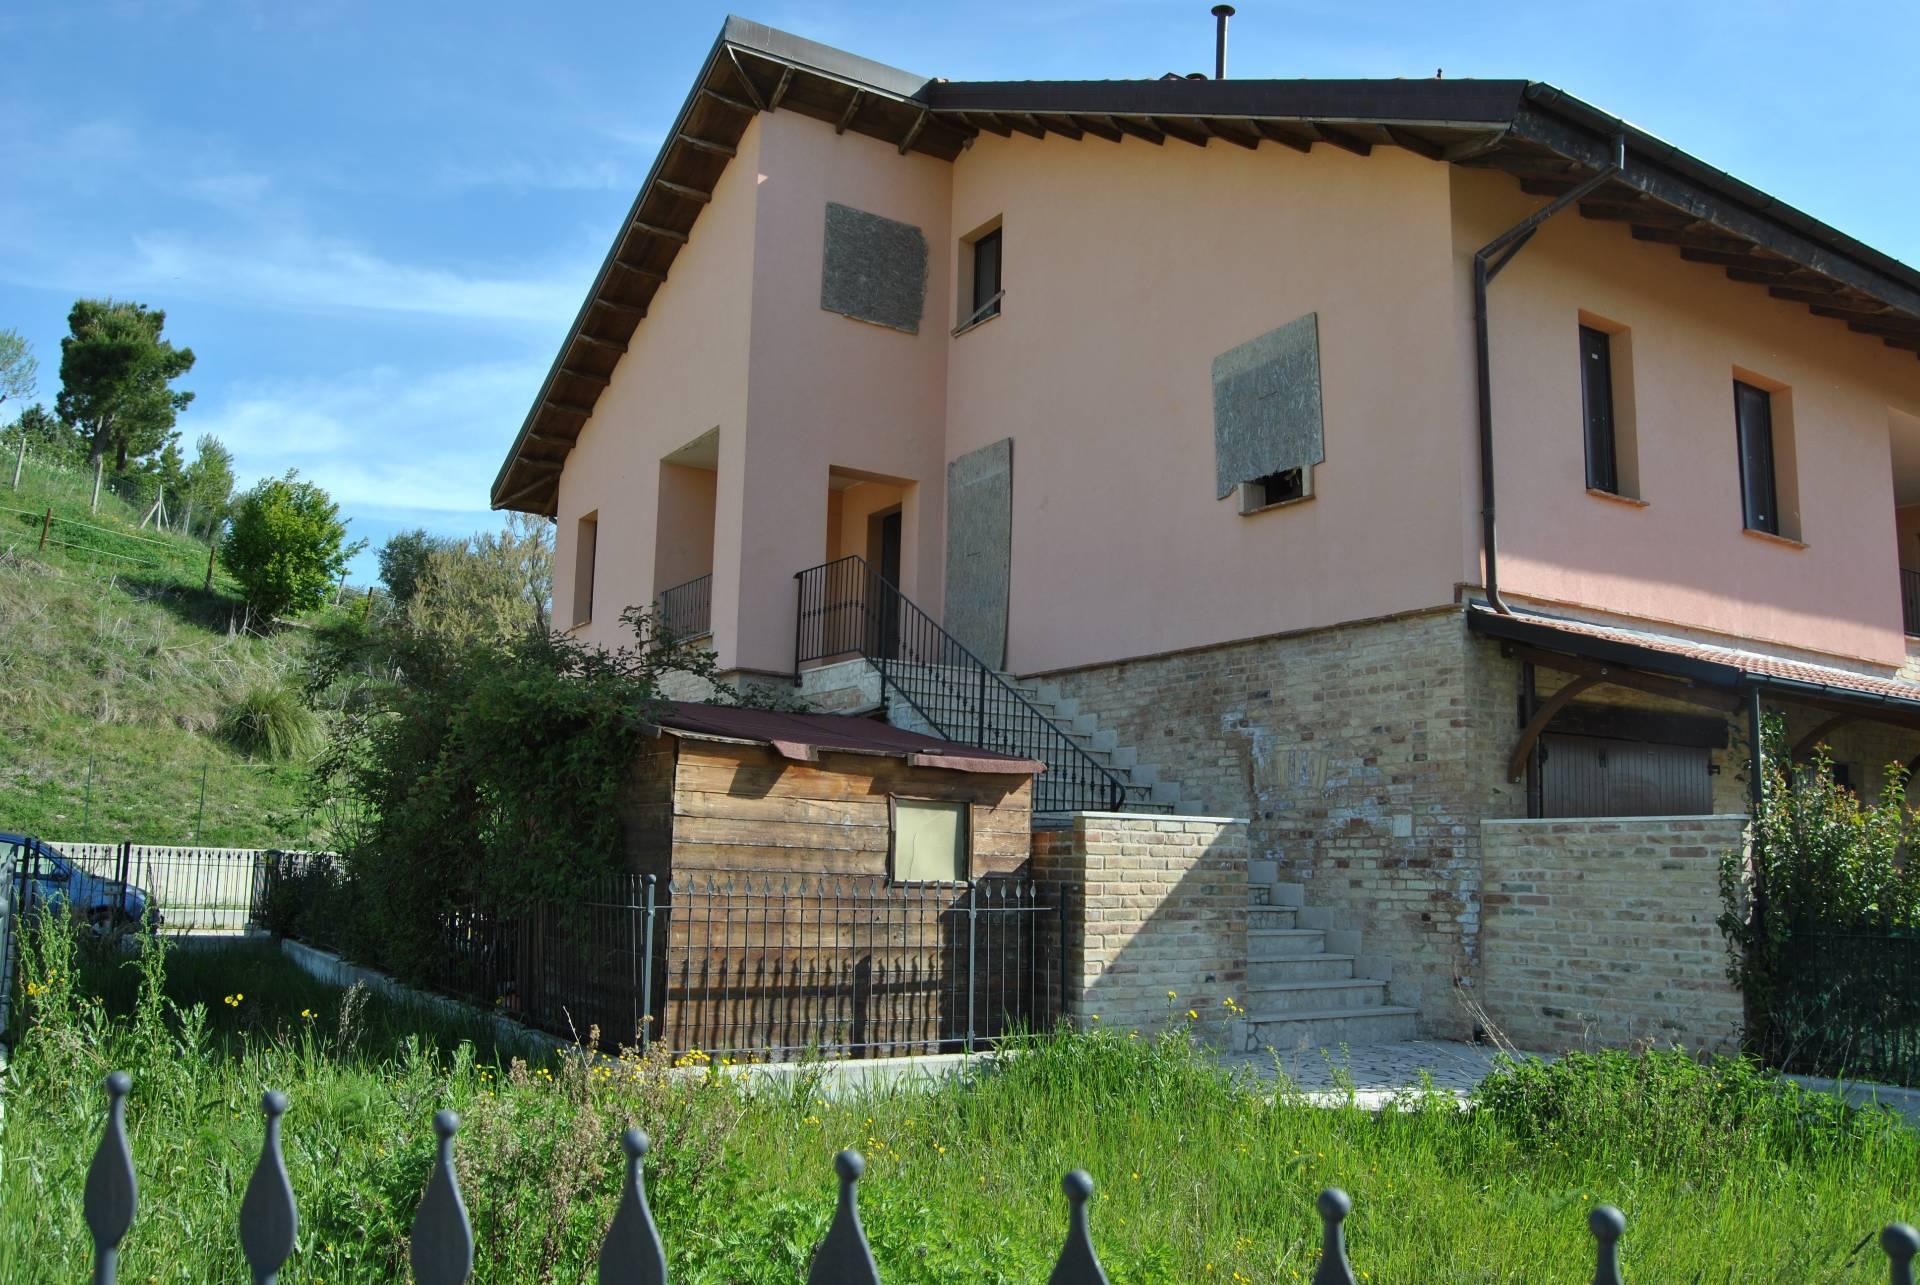 Appartamento, 200 Mq, Vendita - Ascoli Piceno (Ascoli Piceno)